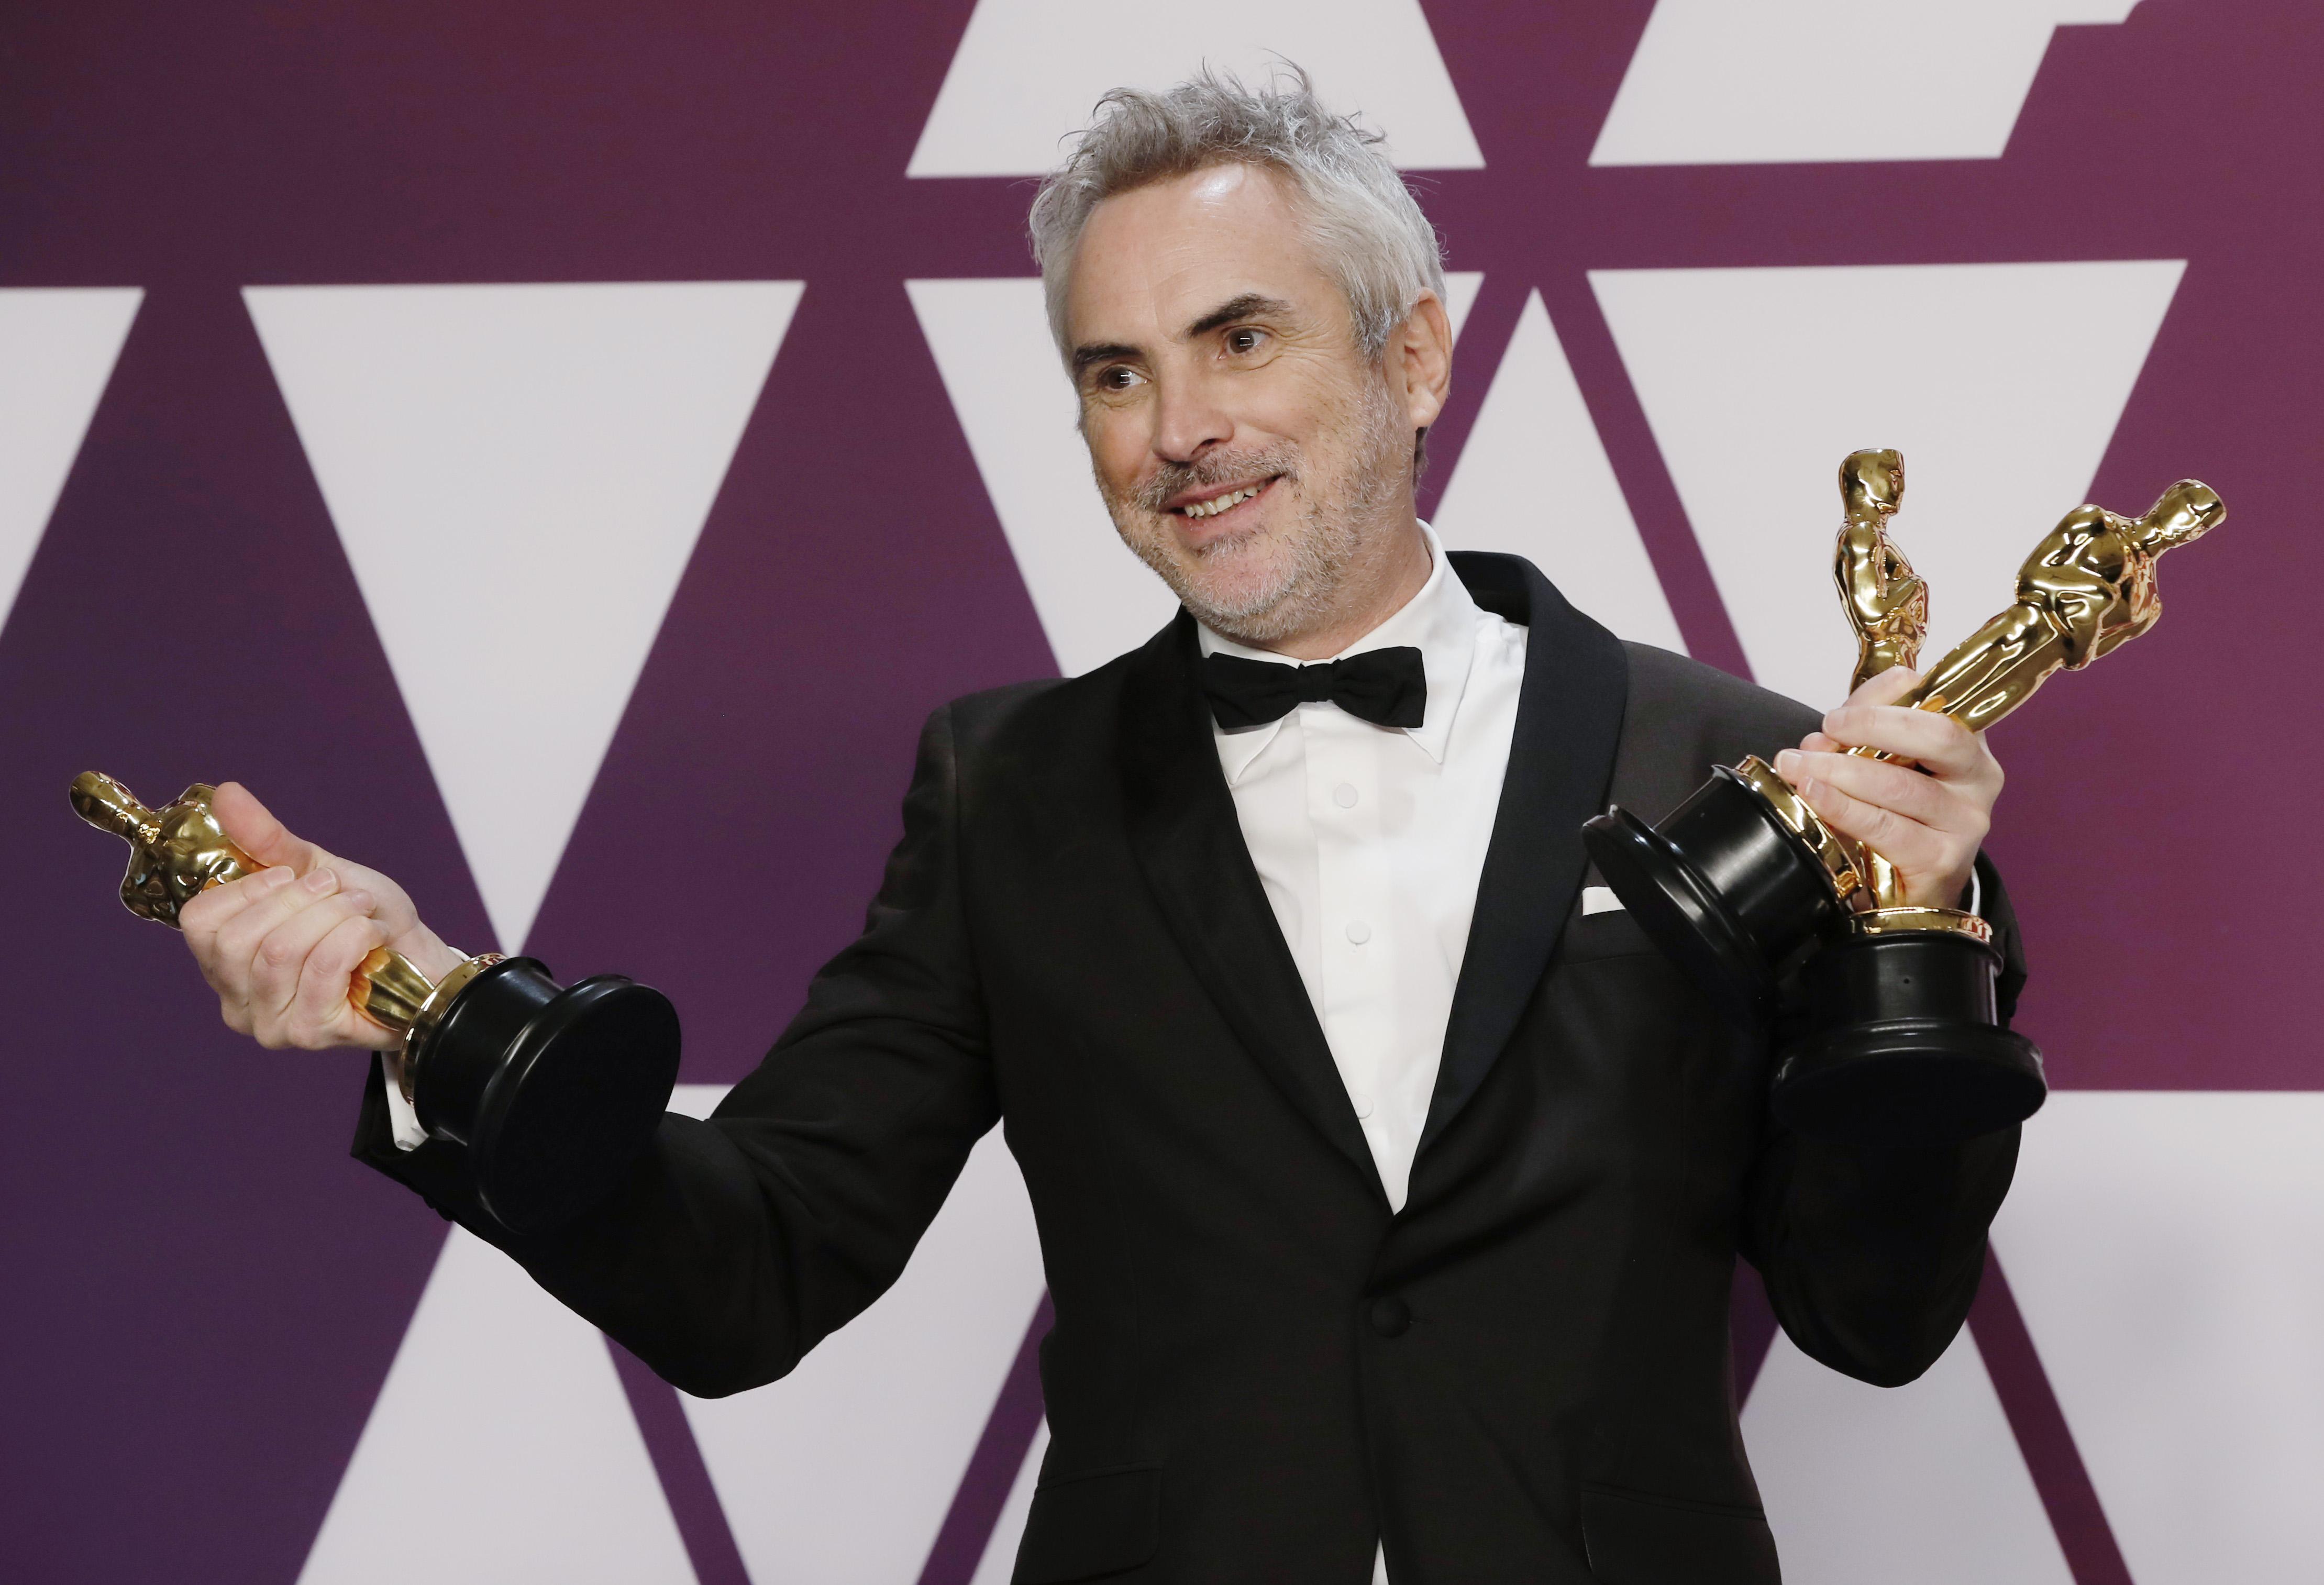 """المخرج المكسيكي ألفونسو كوارون، الفائز بثلاث جوائز أوسكار فئات أفضل مخرج وأفضل تصوير وأفضل فيلم أجنبي عن فيلم """"Roma"""""""